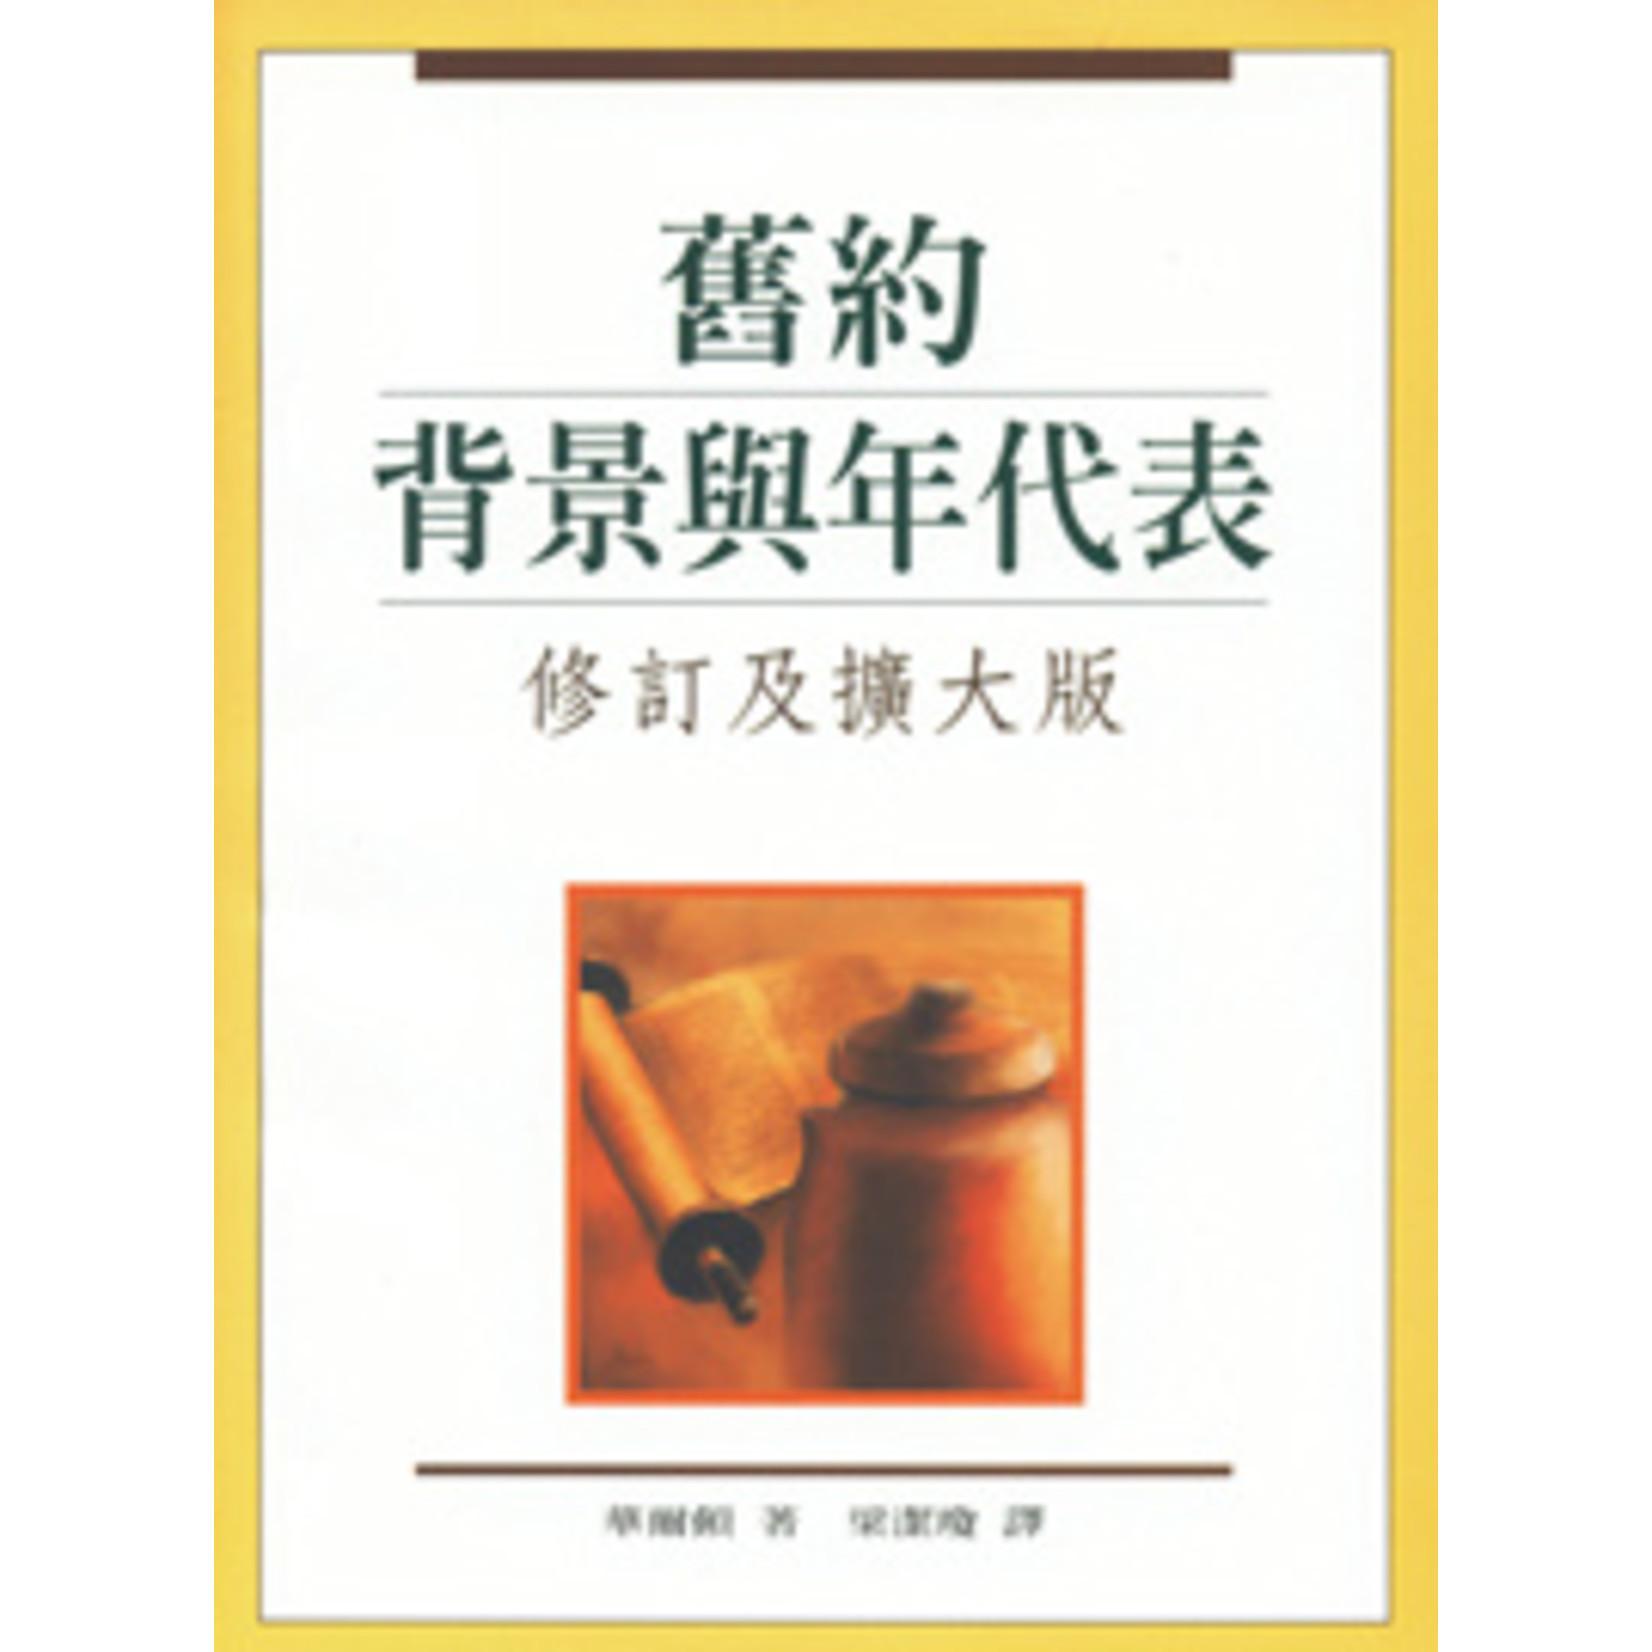 中華福音神學院 China Evangelical Seminary 舊約背景與年代表(修訂及擴大版) Chronological and background Charts of the Old Testament (Revised & Expanded)